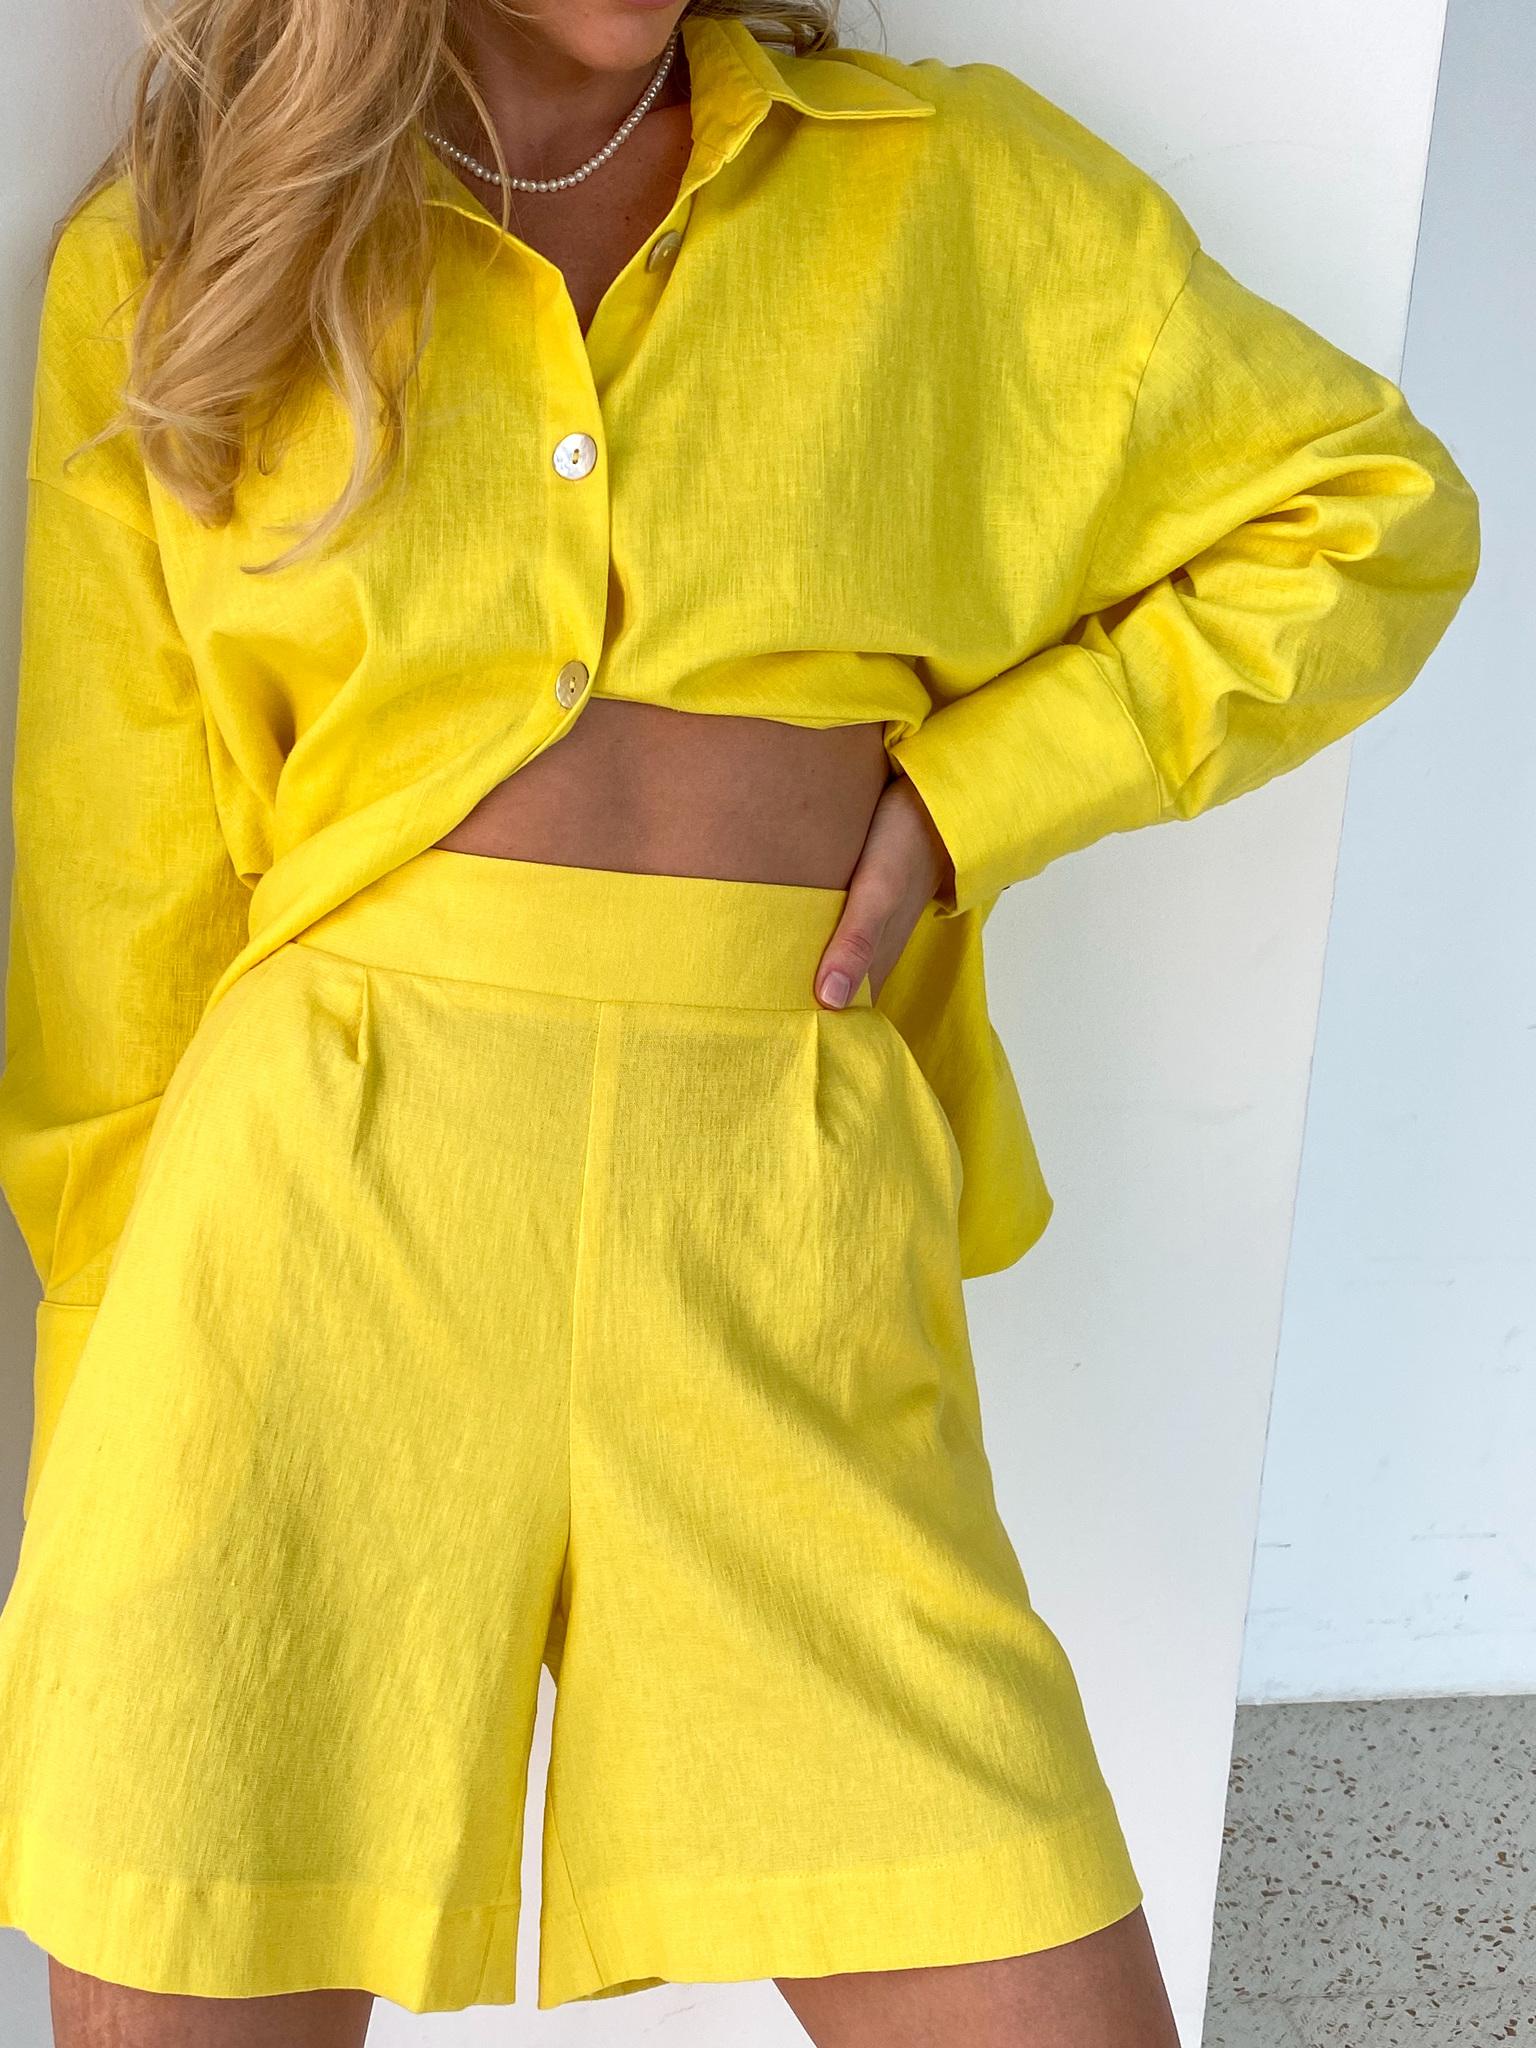 Рубашка объемная изо льна (лимонный)